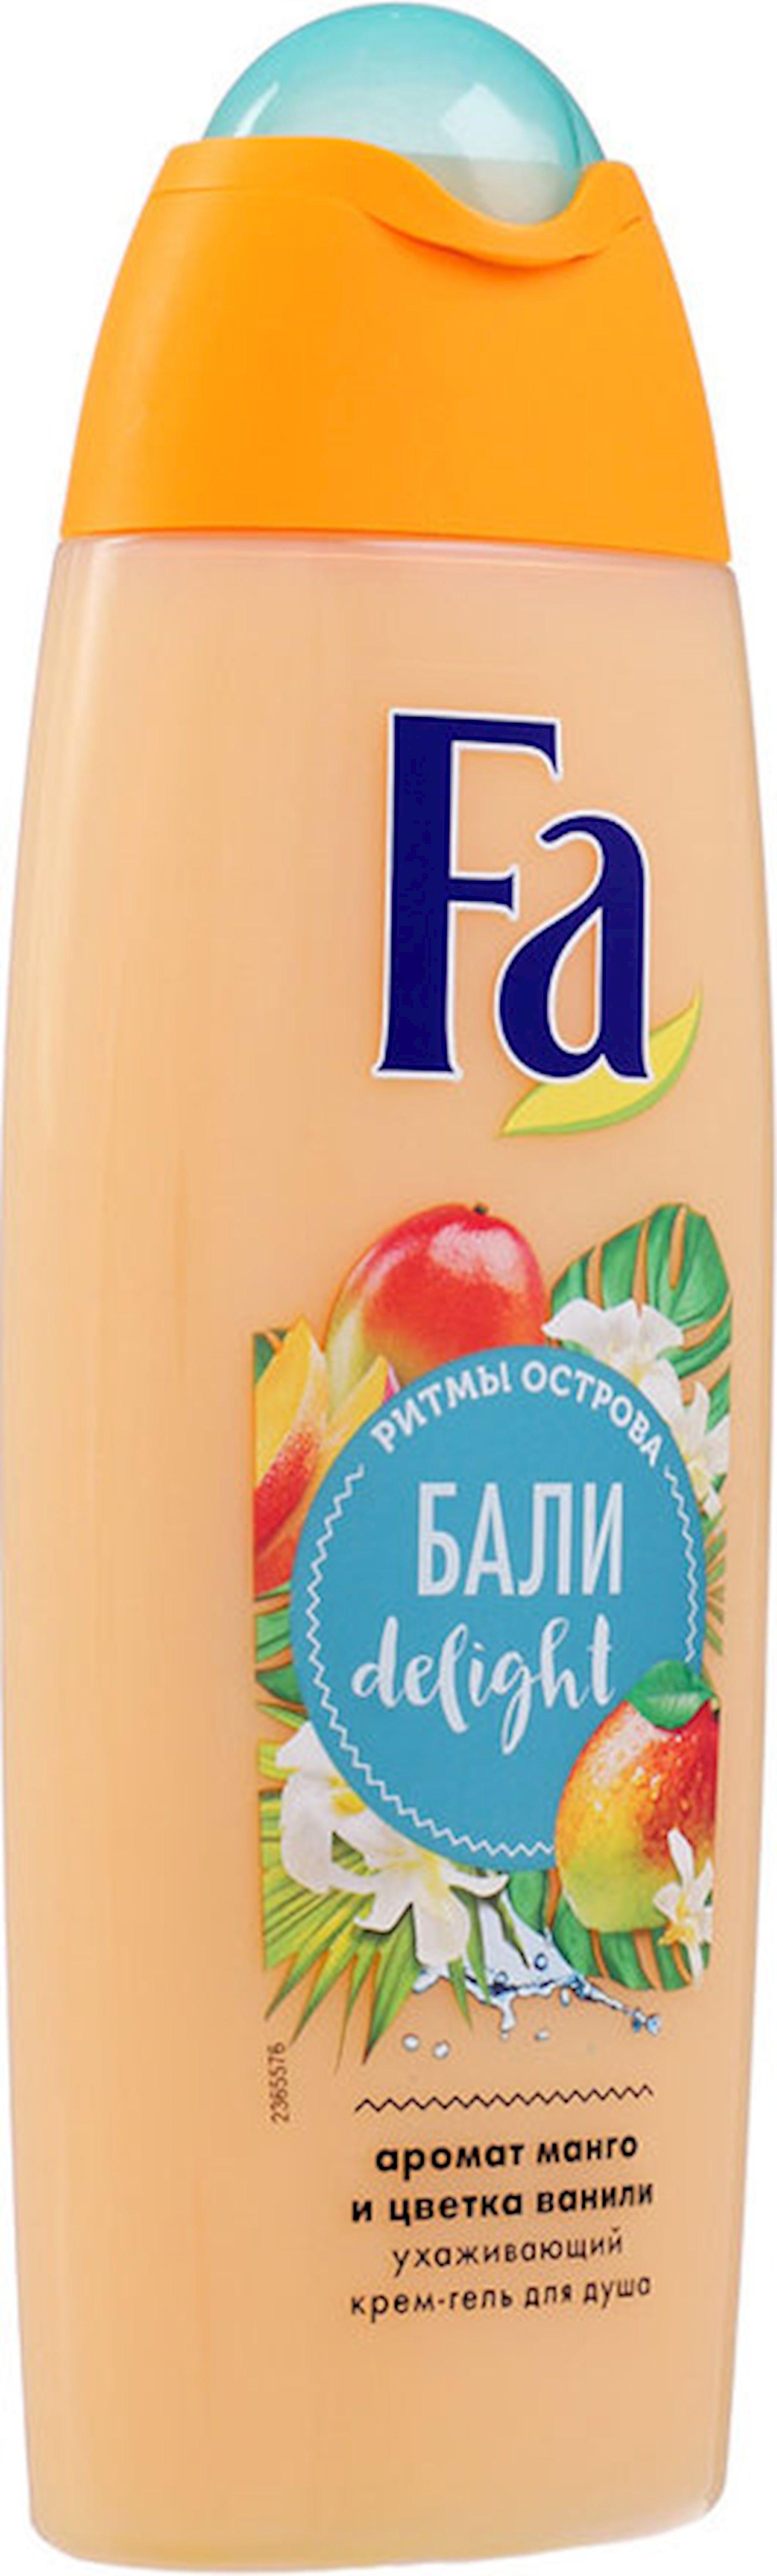 Duş üçün gel-krem FA Bali adasının ritmləri Delight, 250 ml